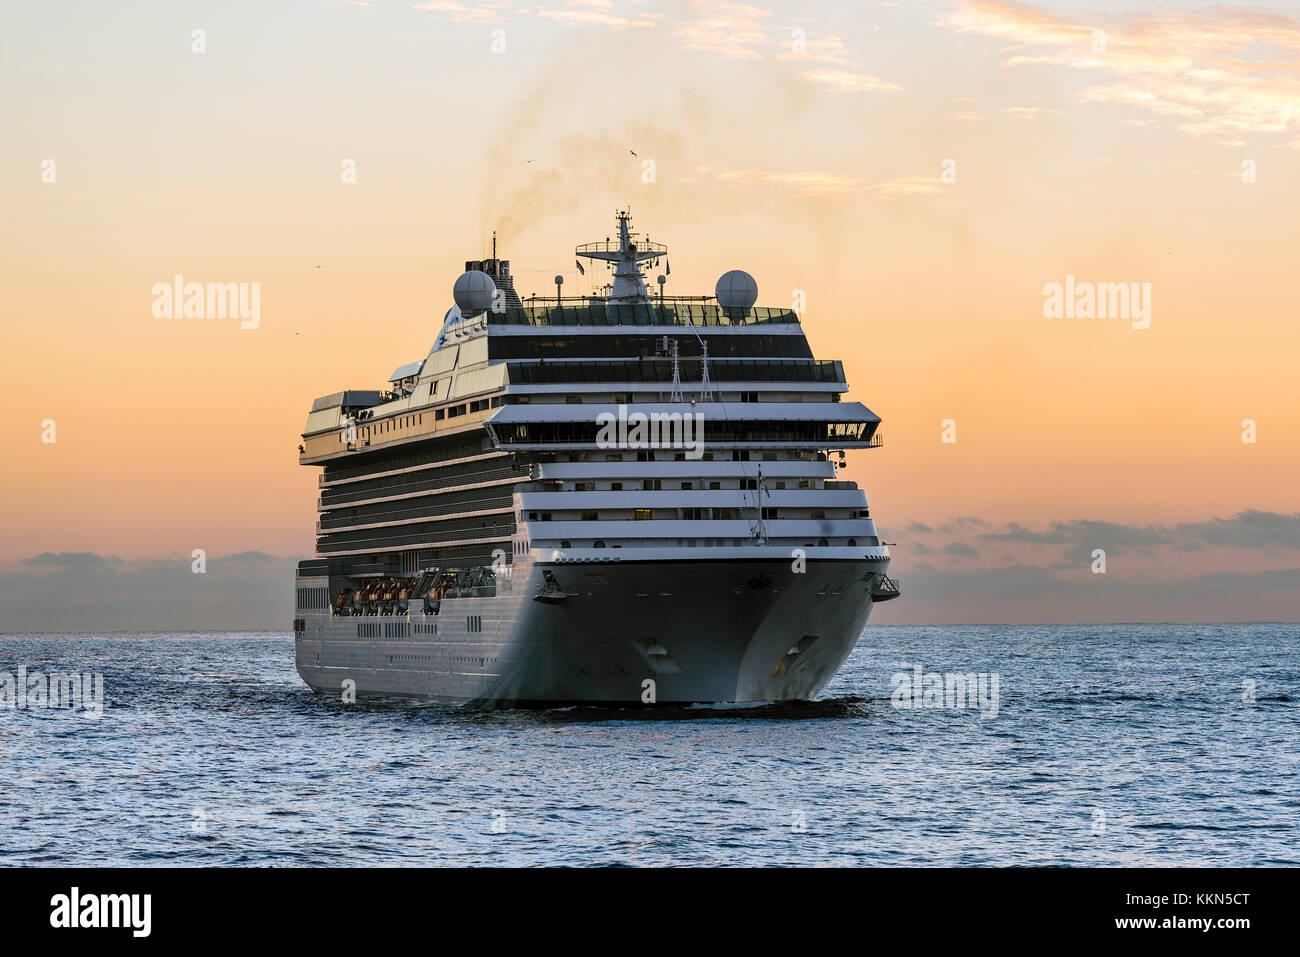 Cruise ship at sea. - Stock Image